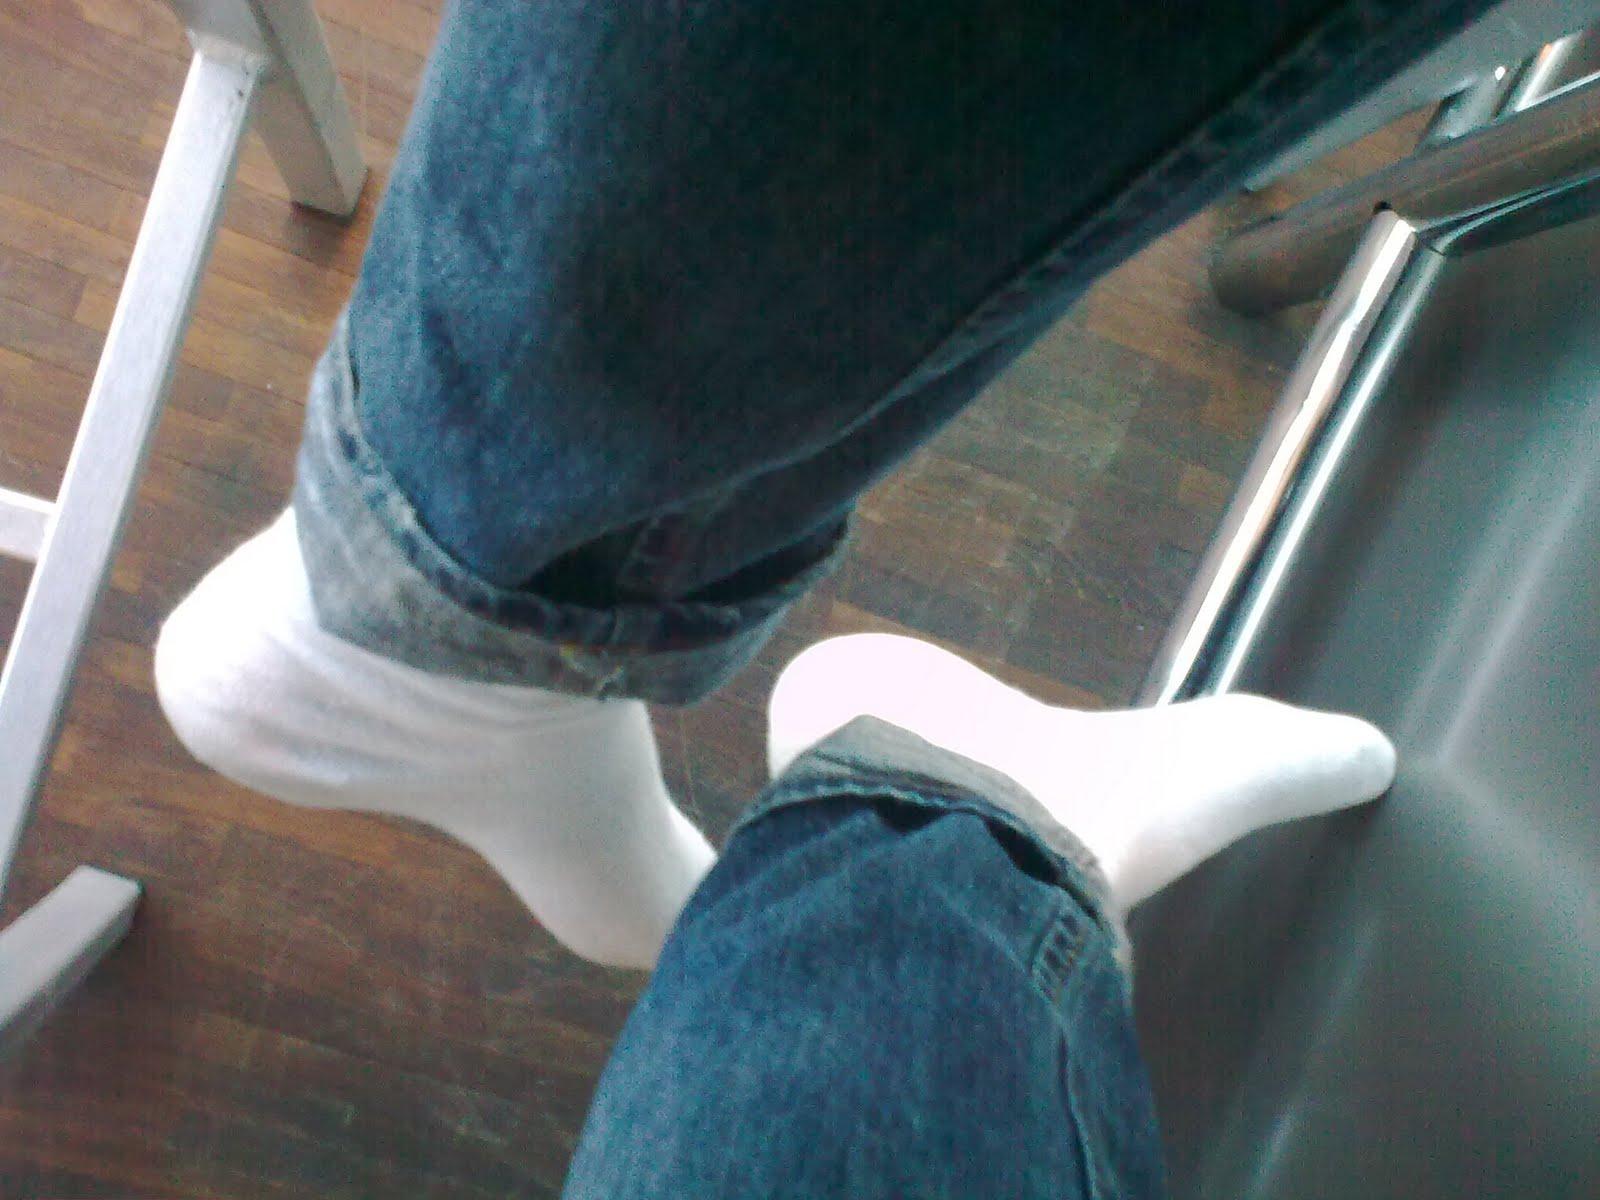 white socks Porn videos socks - 18639 videos socks, sockjob, feet, footjob, stockings, ankle socks and much more.